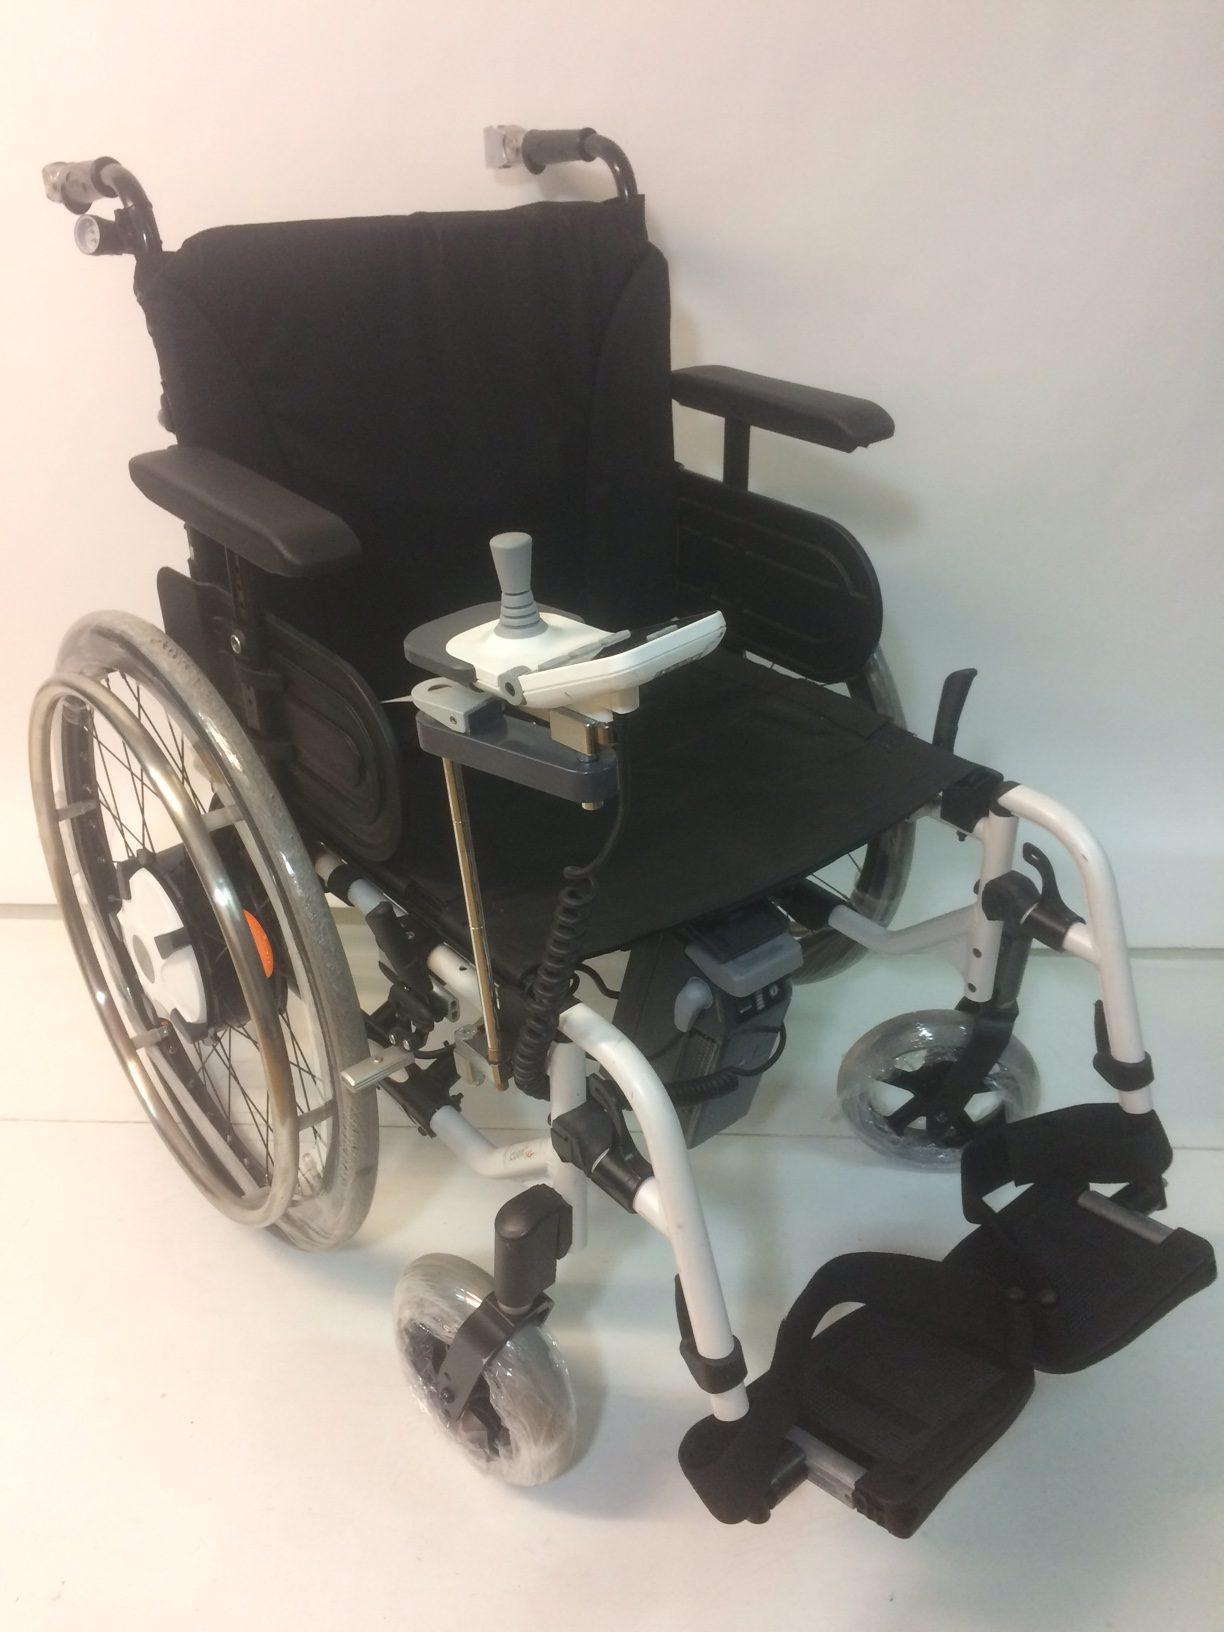 fauteuil roulant lectrique invacare e fix e36 access 39 sant. Black Bedroom Furniture Sets. Home Design Ideas